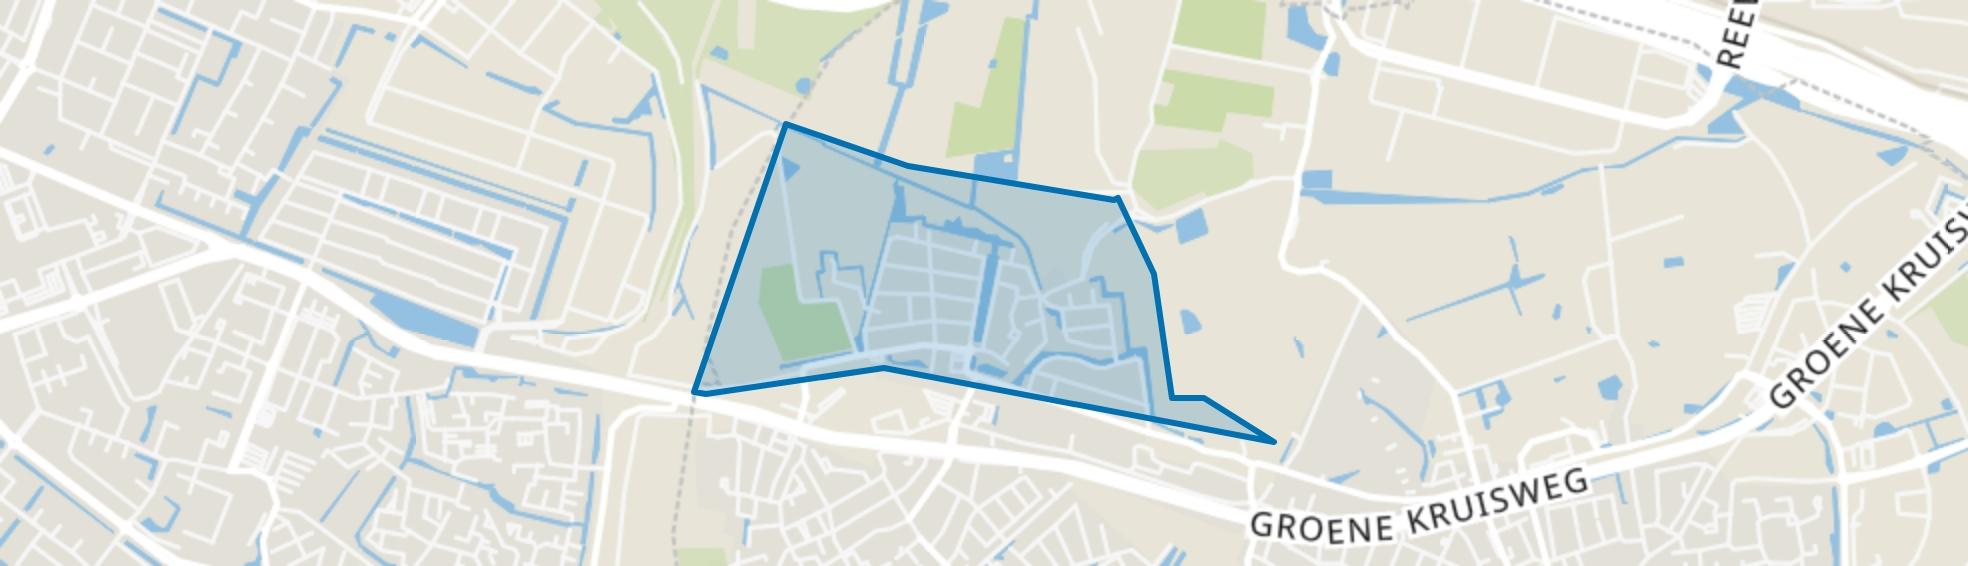 Valckesteyn, Poortugaal map